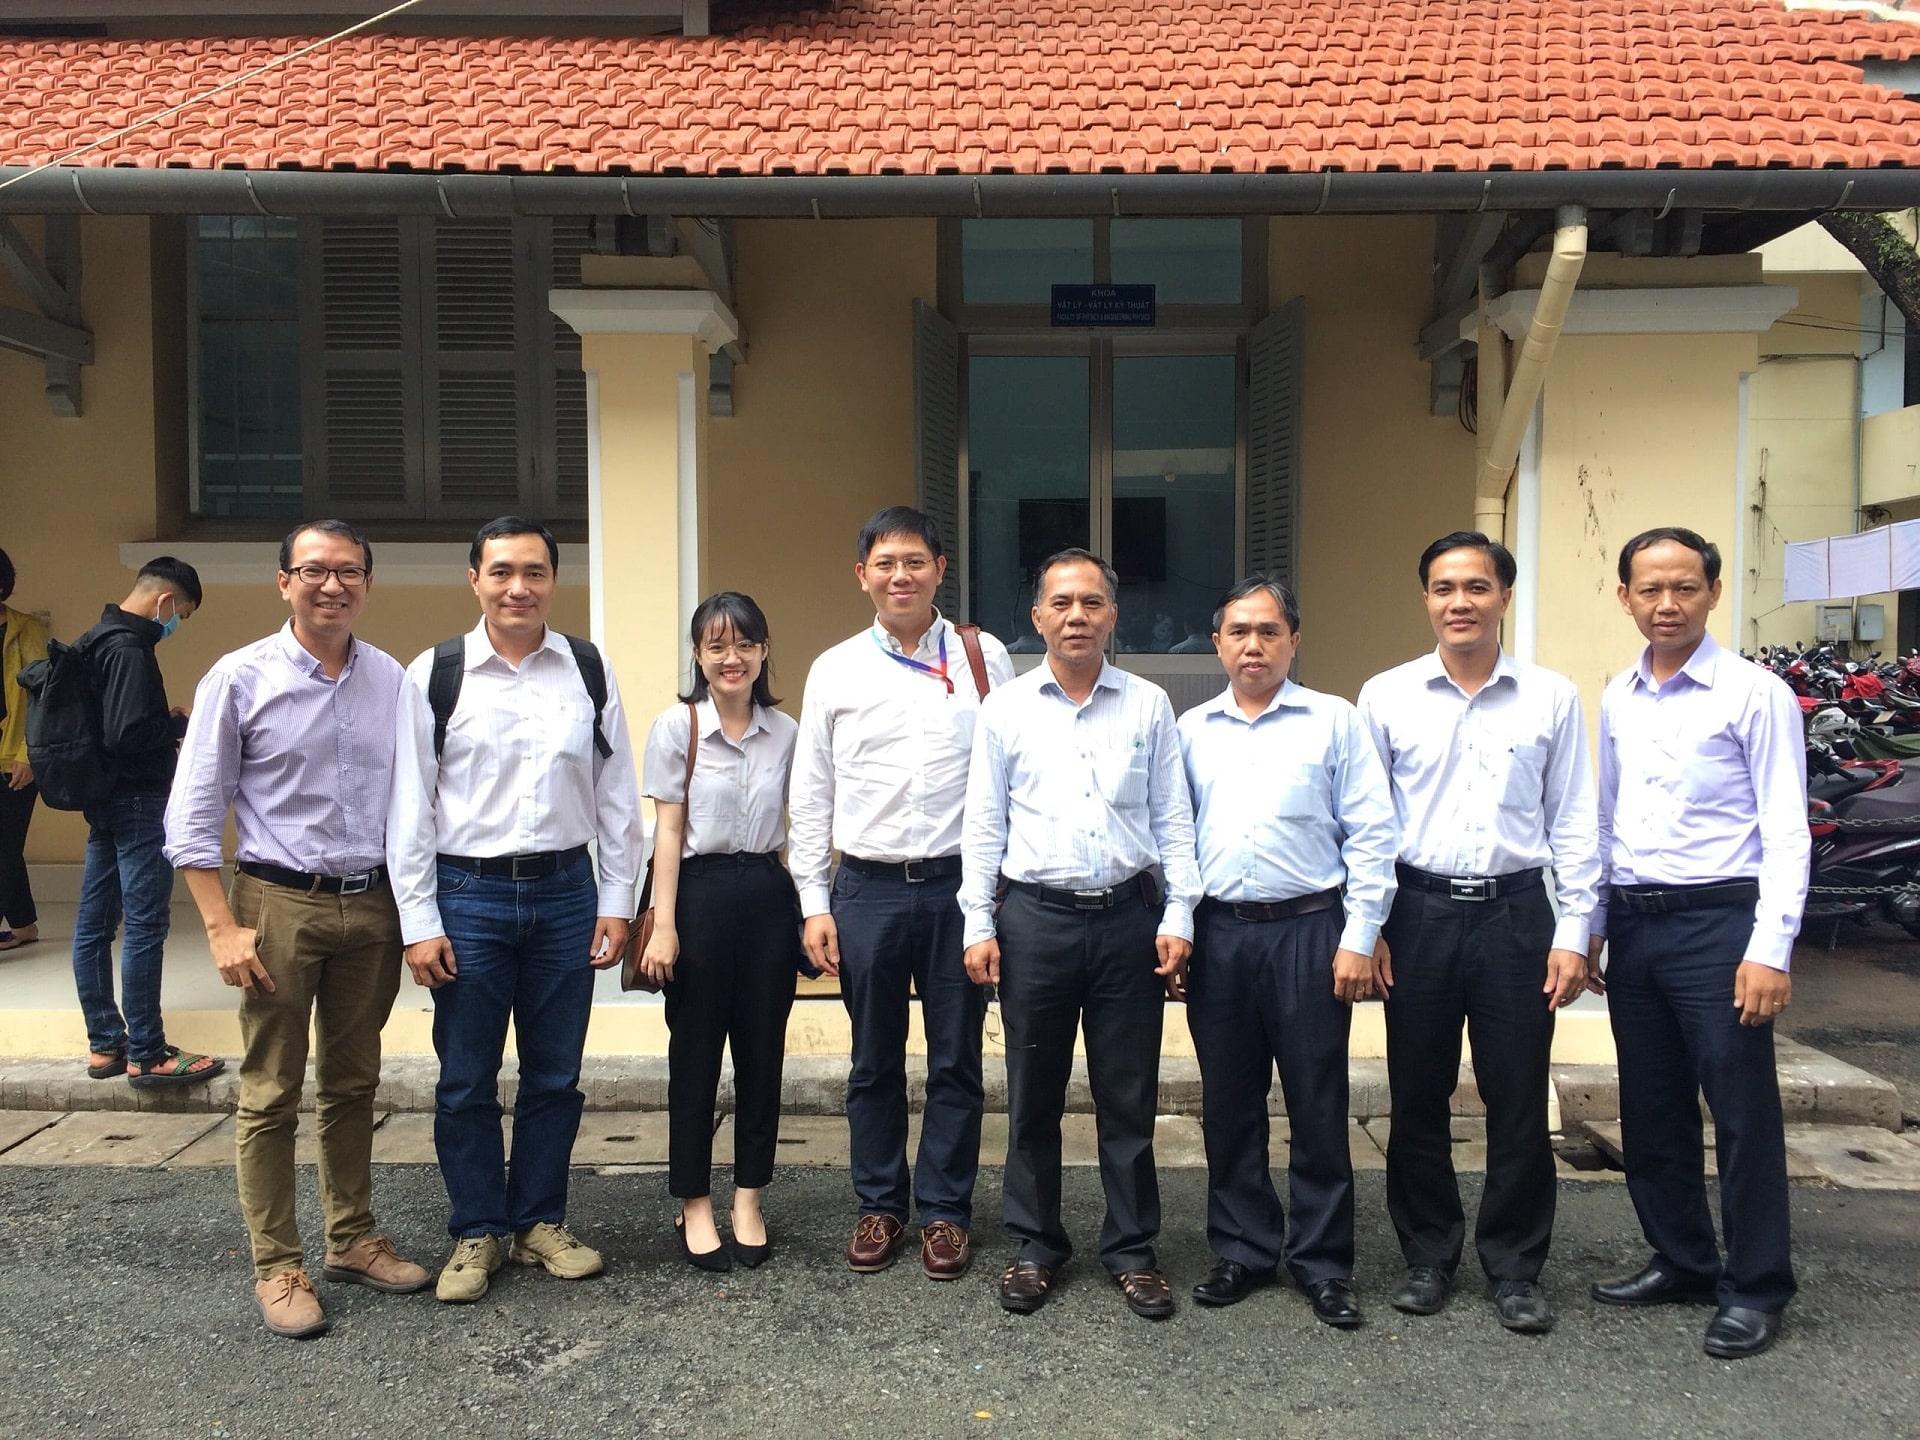 Buổi trao đổi hợp tác giữa Khoa Vật lý - Vật lý kỹ thuật và Tập đoàn Bosch